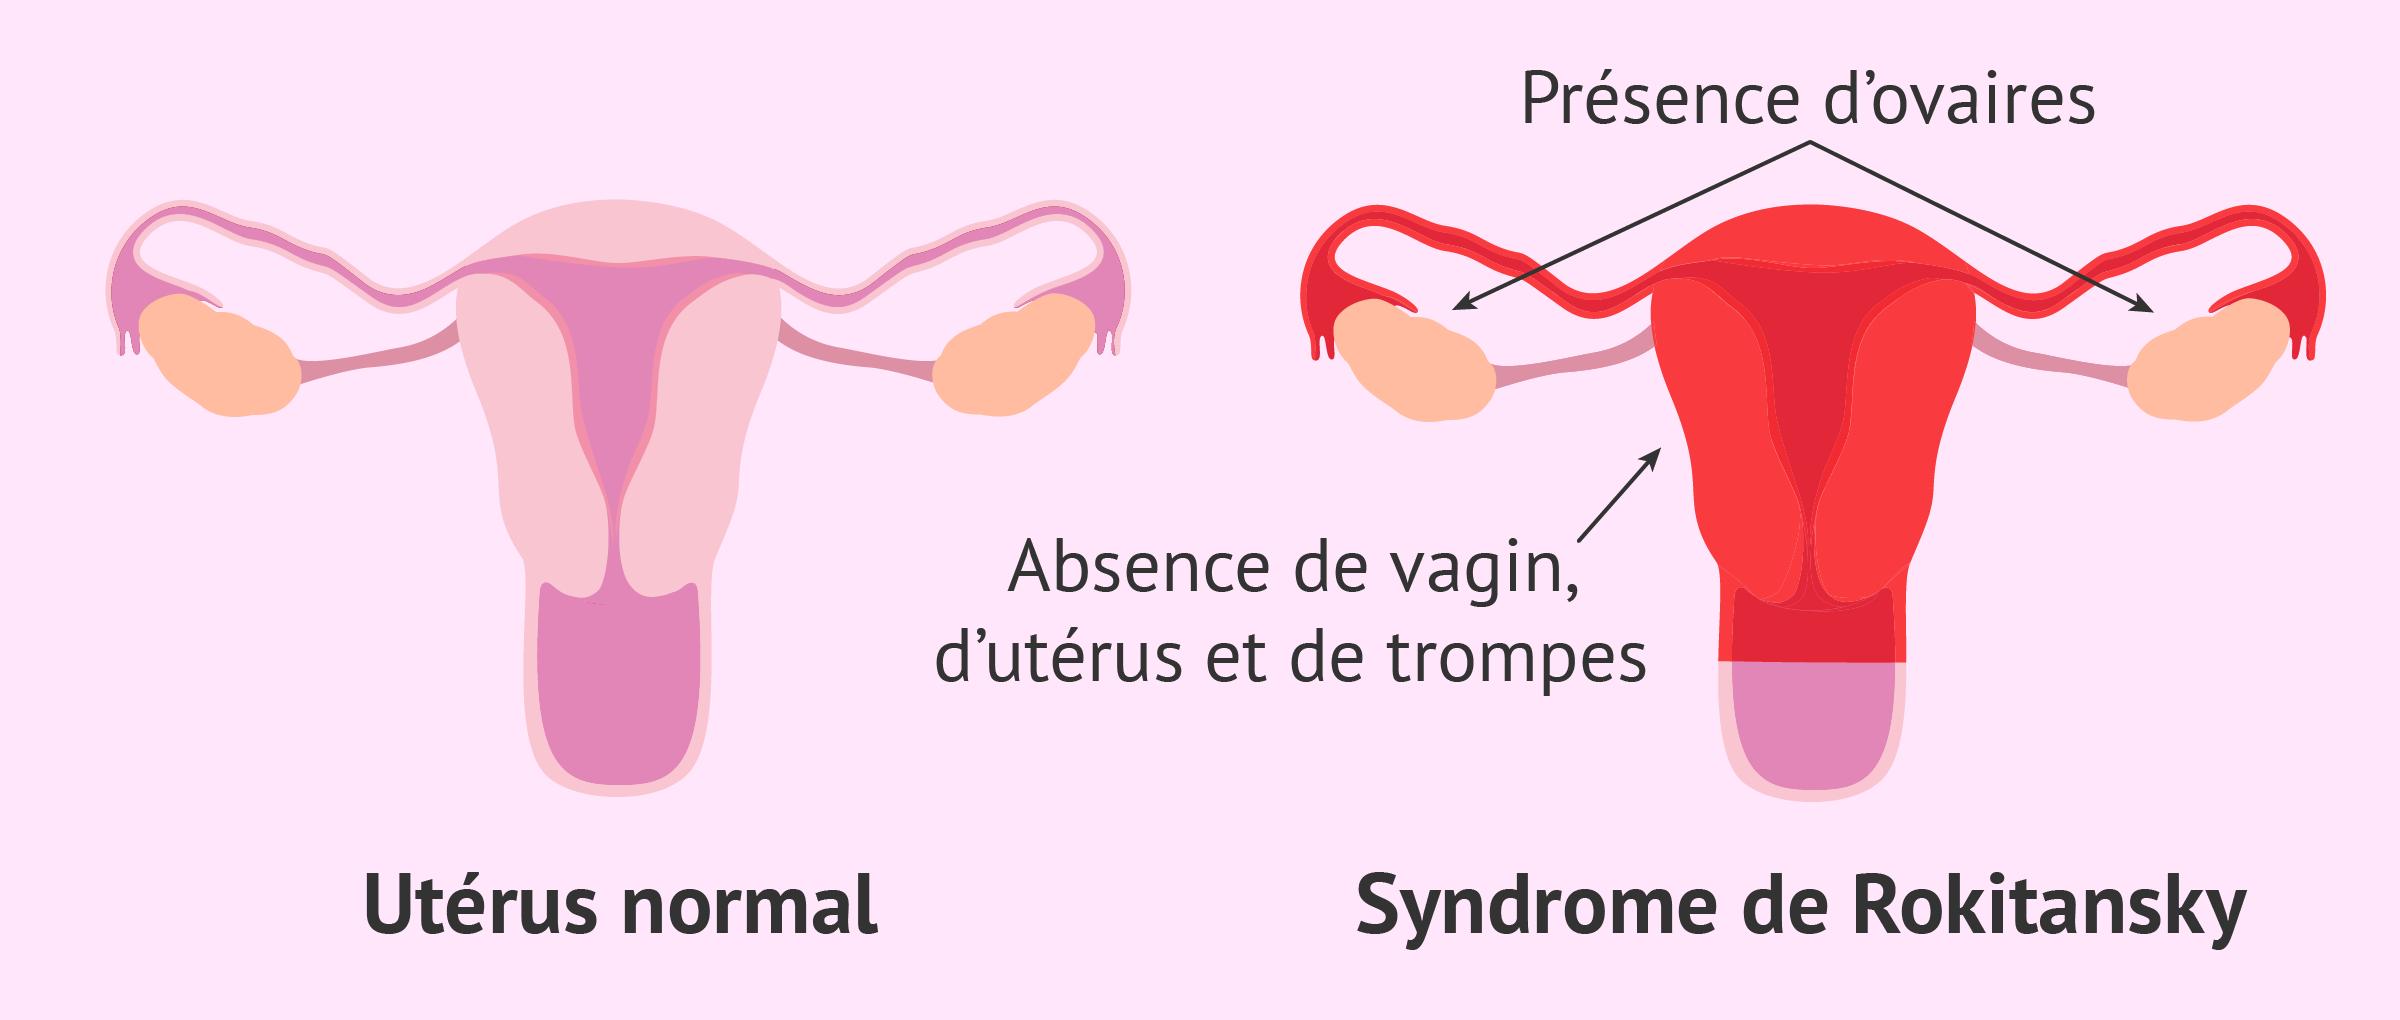 Qu'est-ce que le syndrome de Rokitansky ou agénésie utérine?